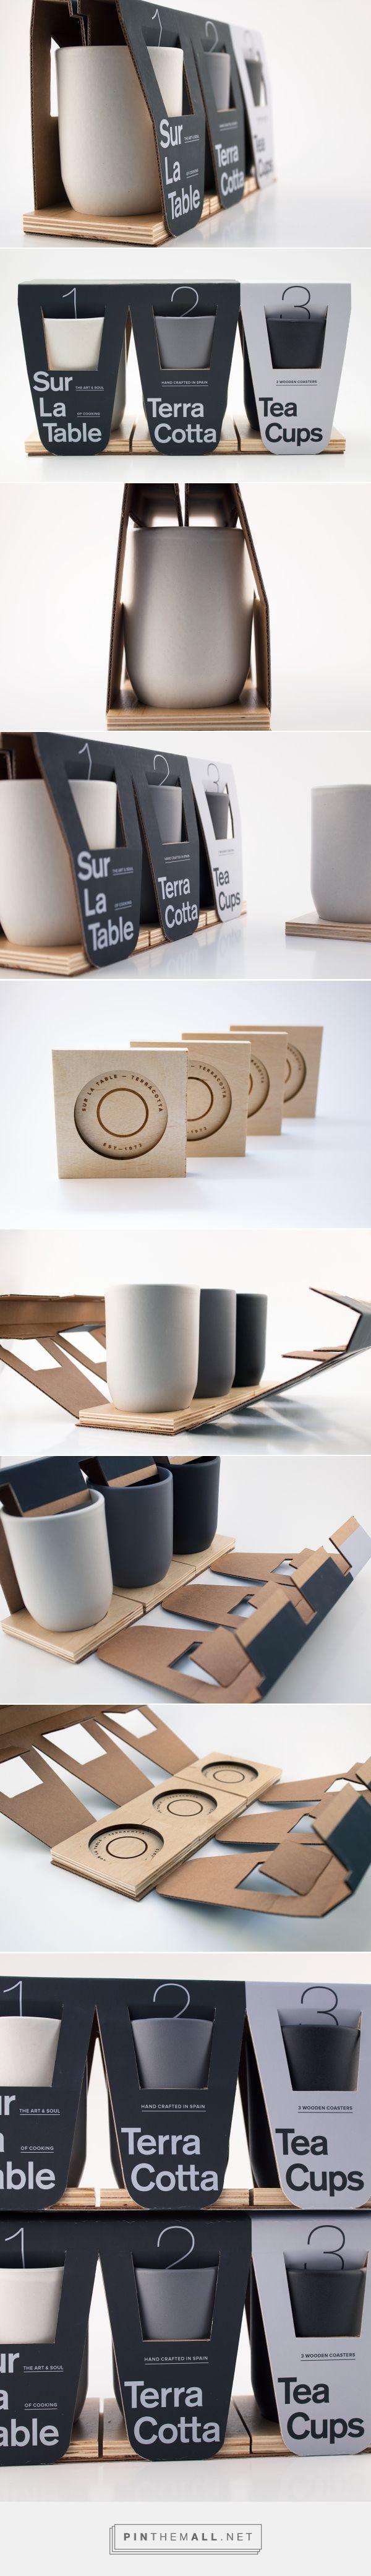 http://www.devisoewono.com/design/sur-la-table-terracotta/